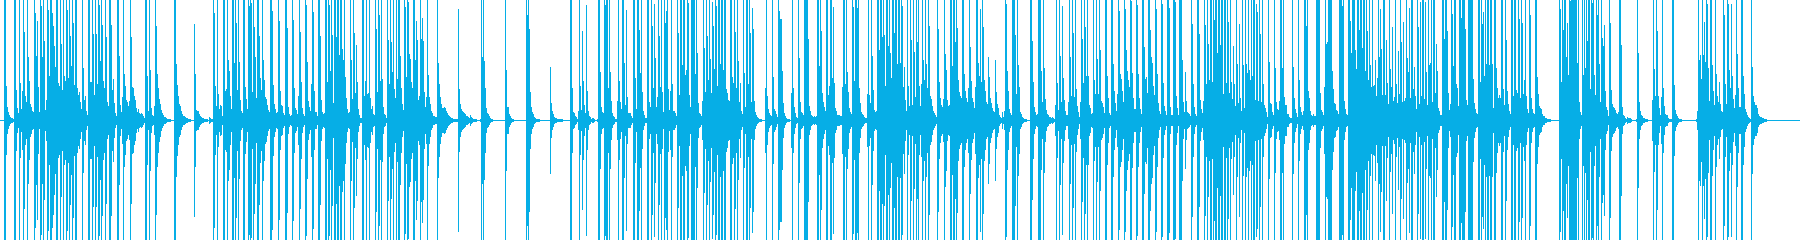 三味線115連獅子8風に歌舞伎生音和風親の再生済みの波形